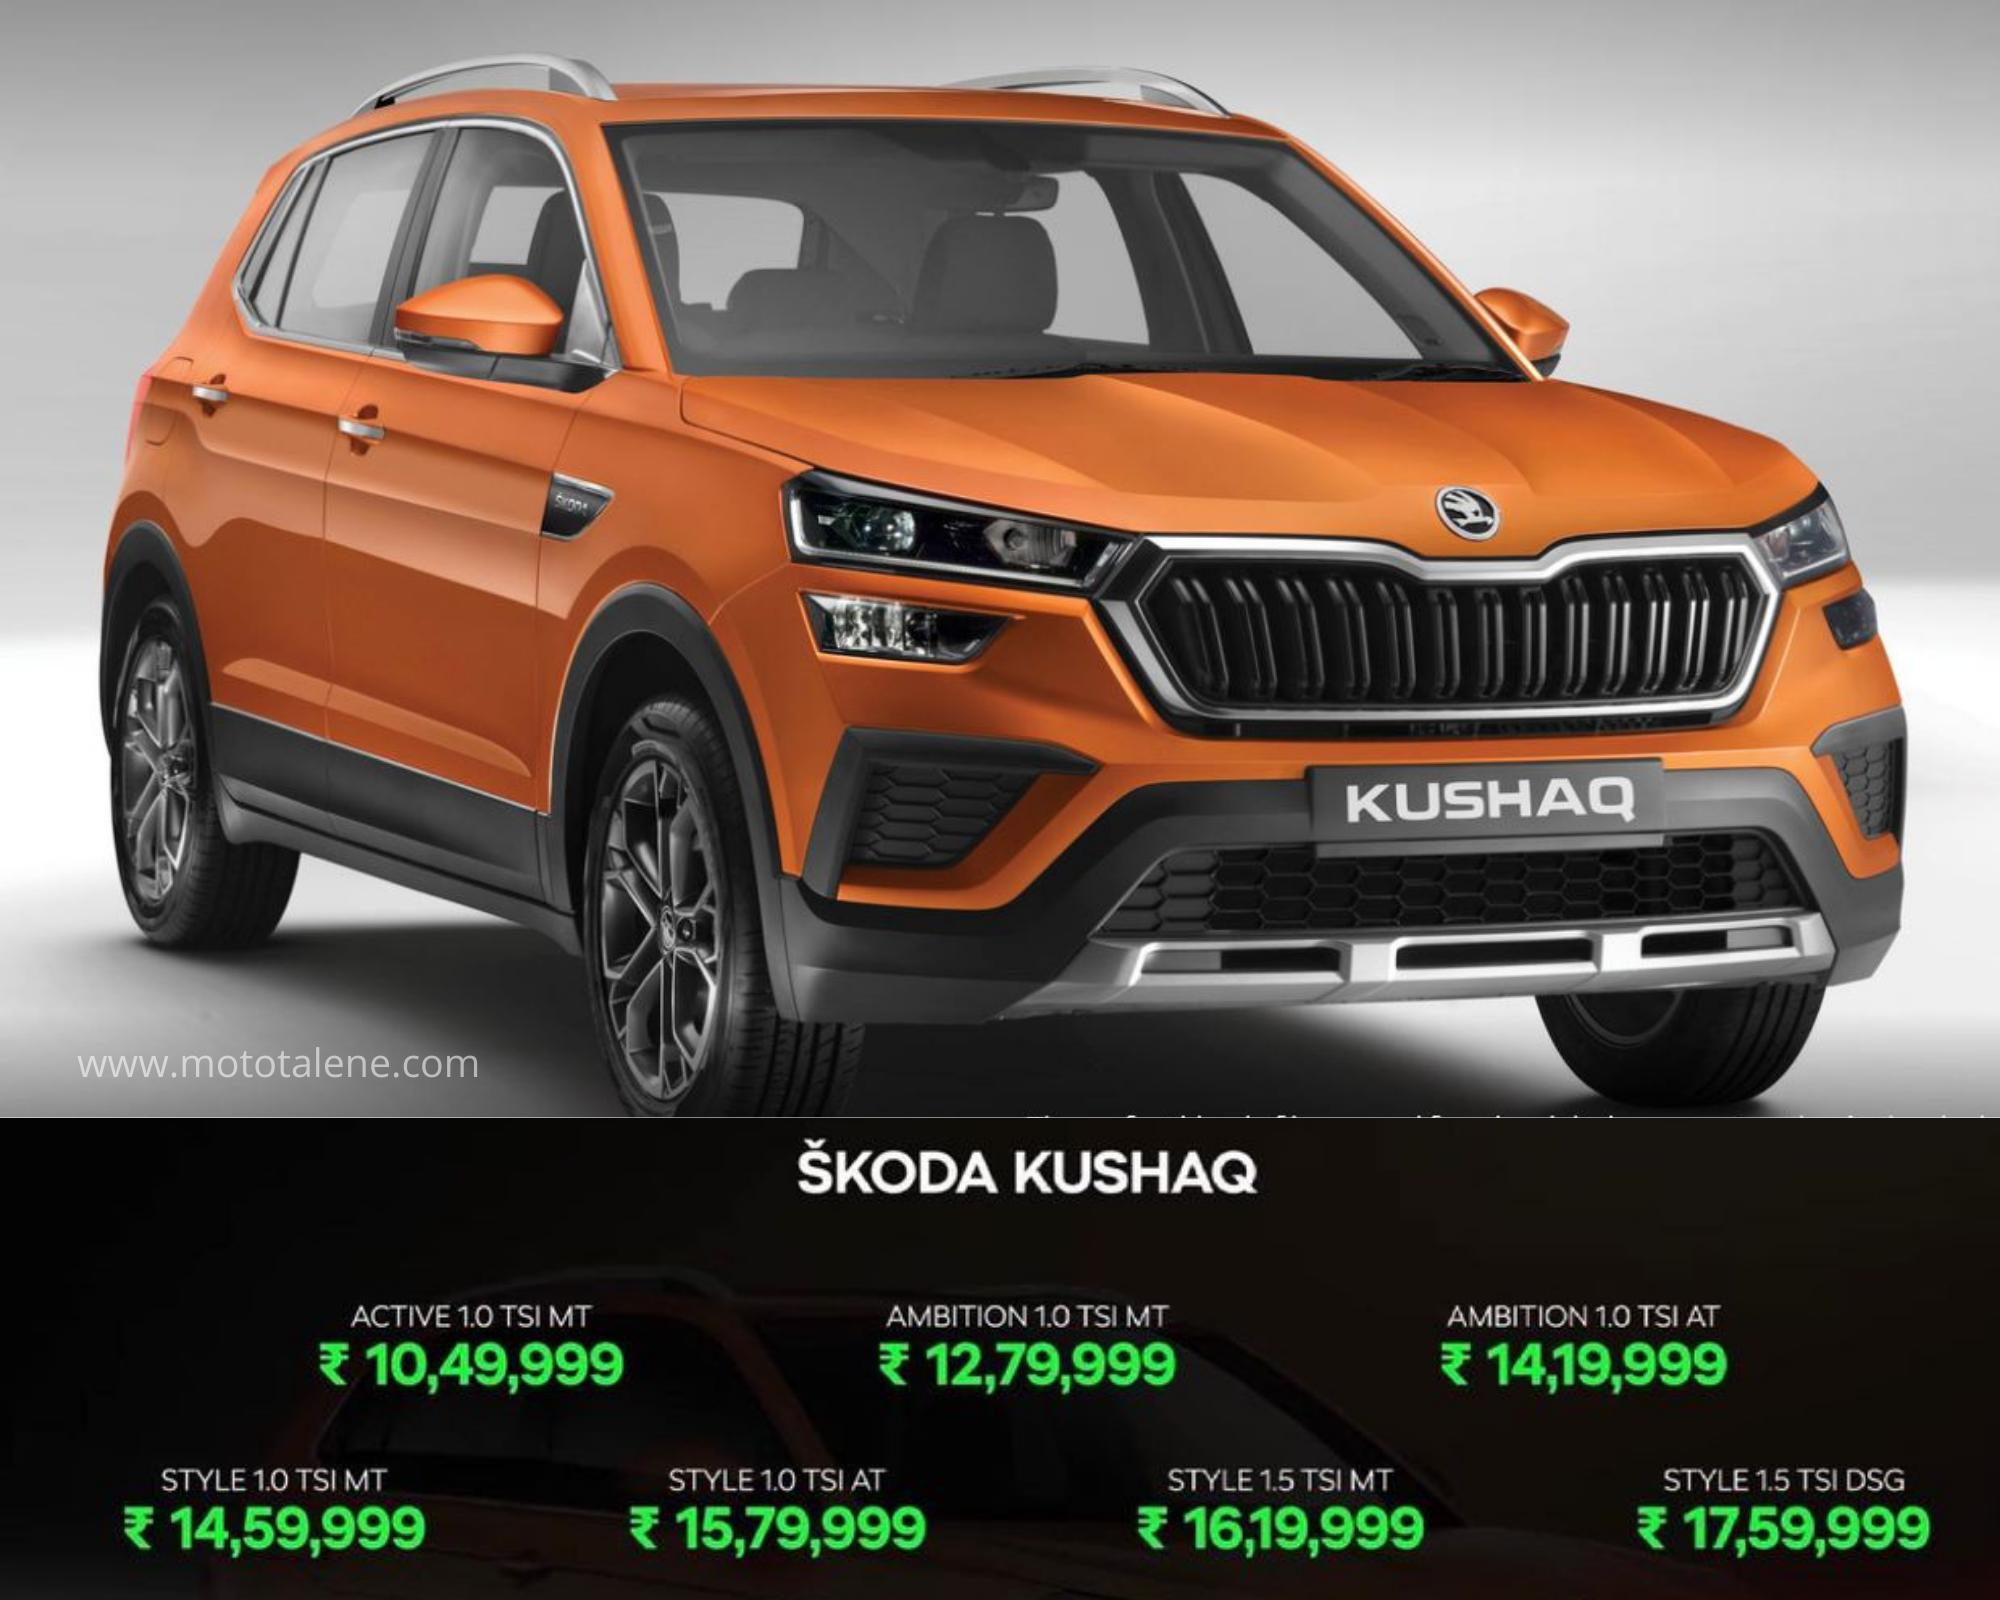 2021 Skoda Kushaq SUV Launched